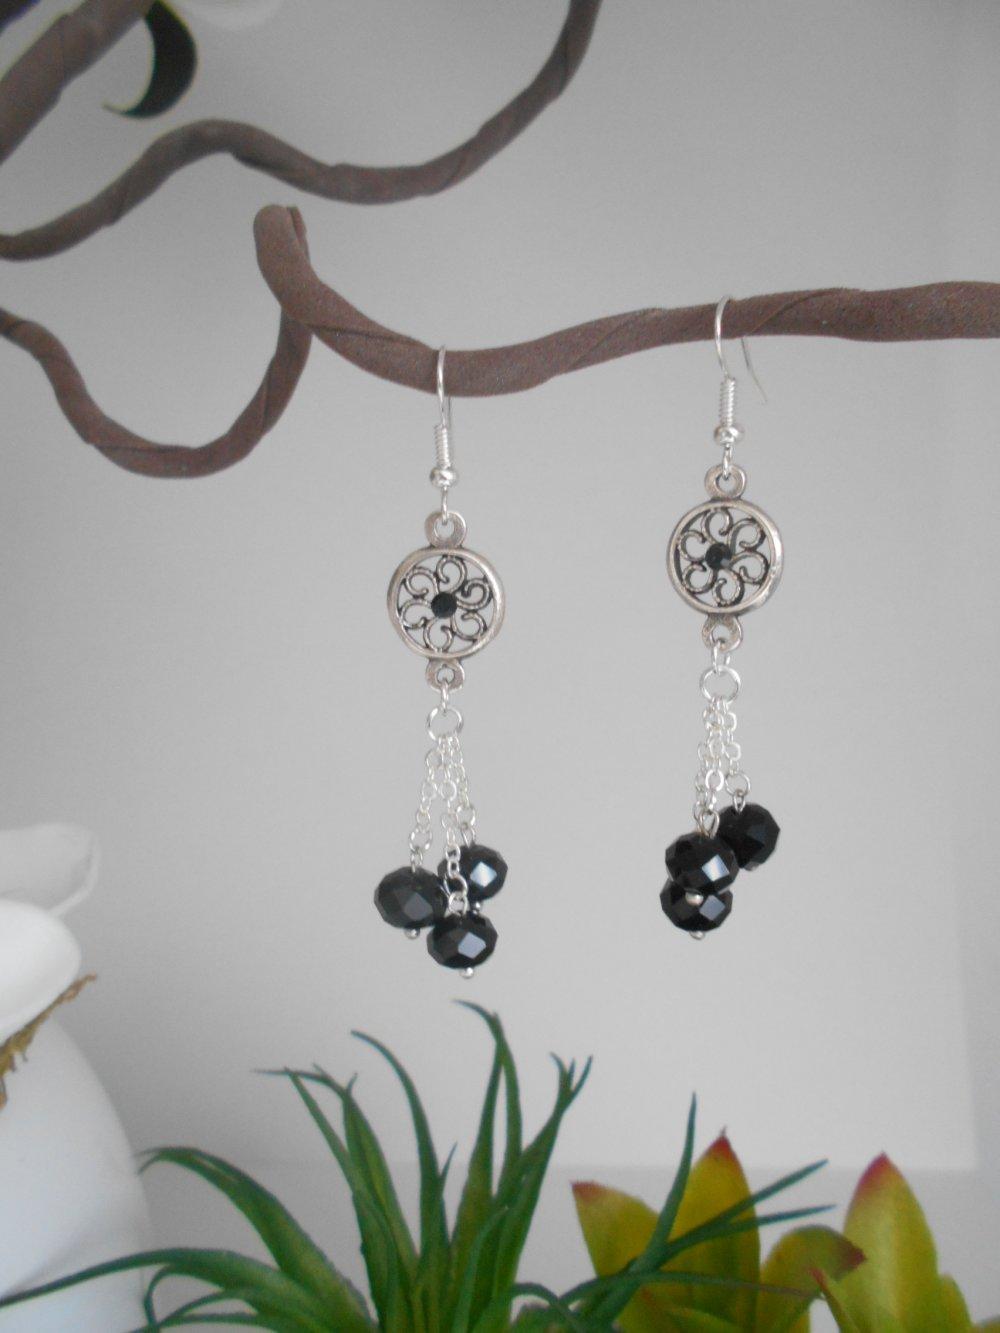 boucles d'oreille connecteur rond argentée perles facettées noires